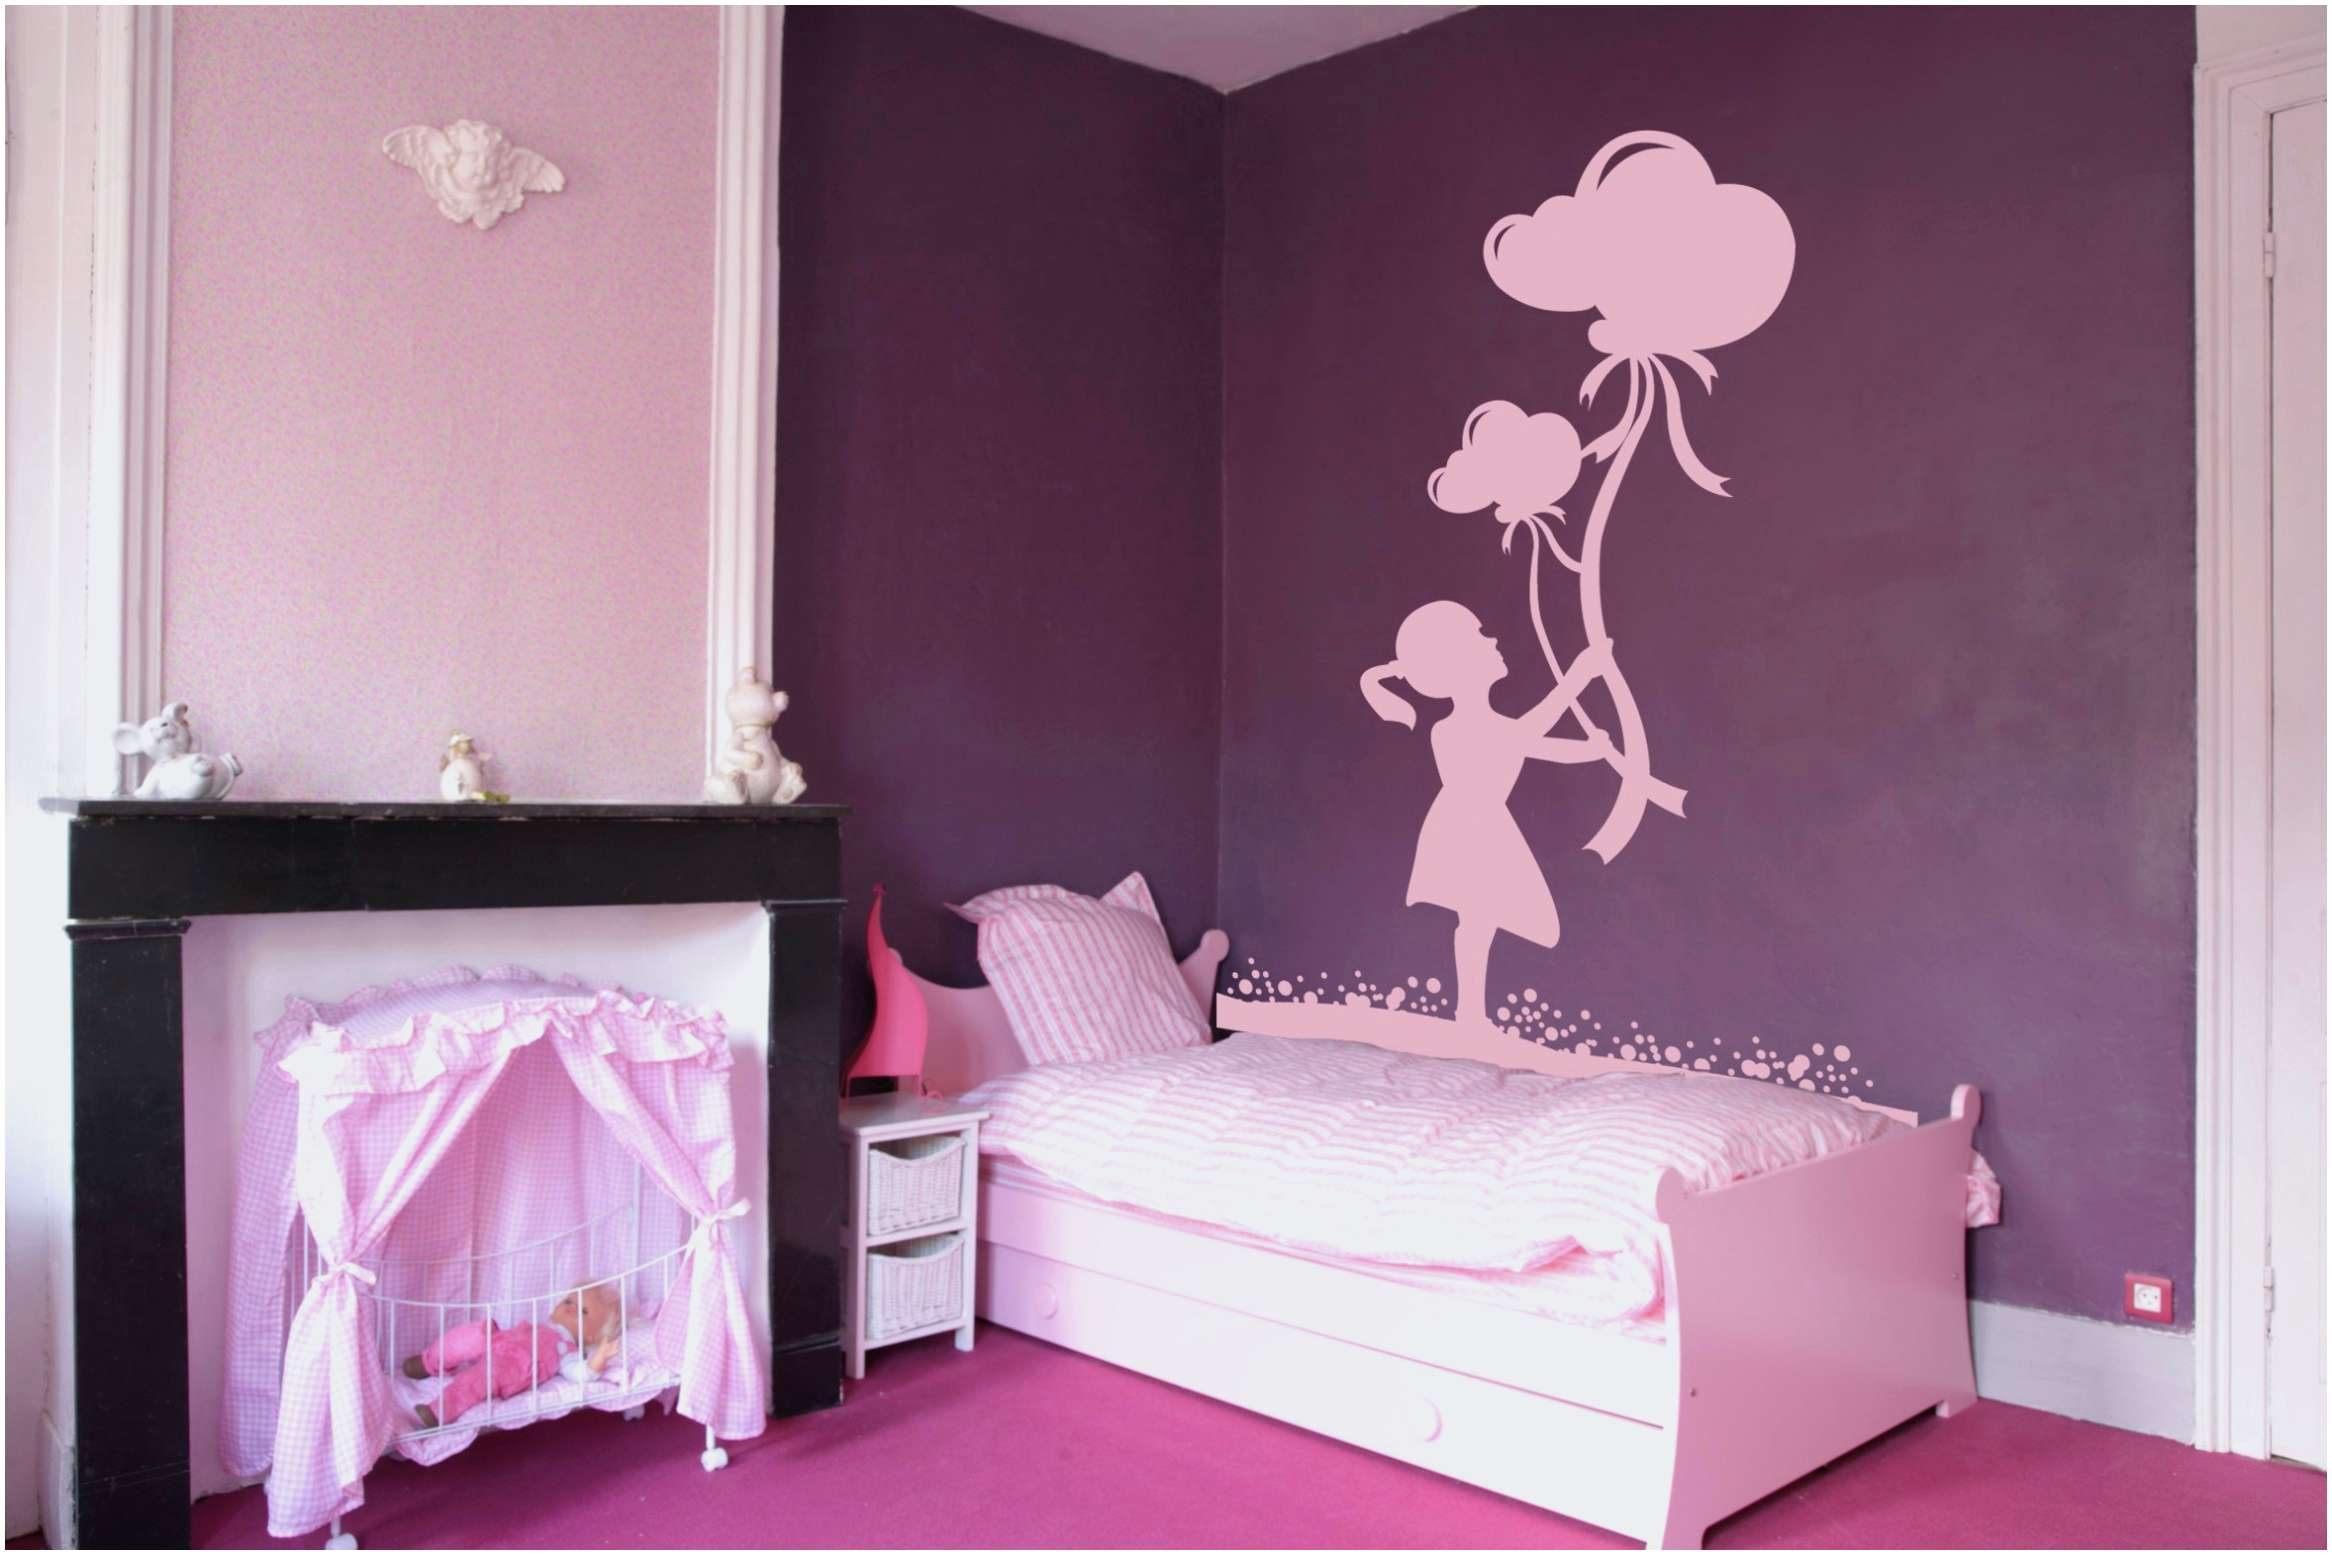 Unique Chambre Bébé Fille Gris Et Rose Beau Parc B C3 A9b C3 A9 Gris